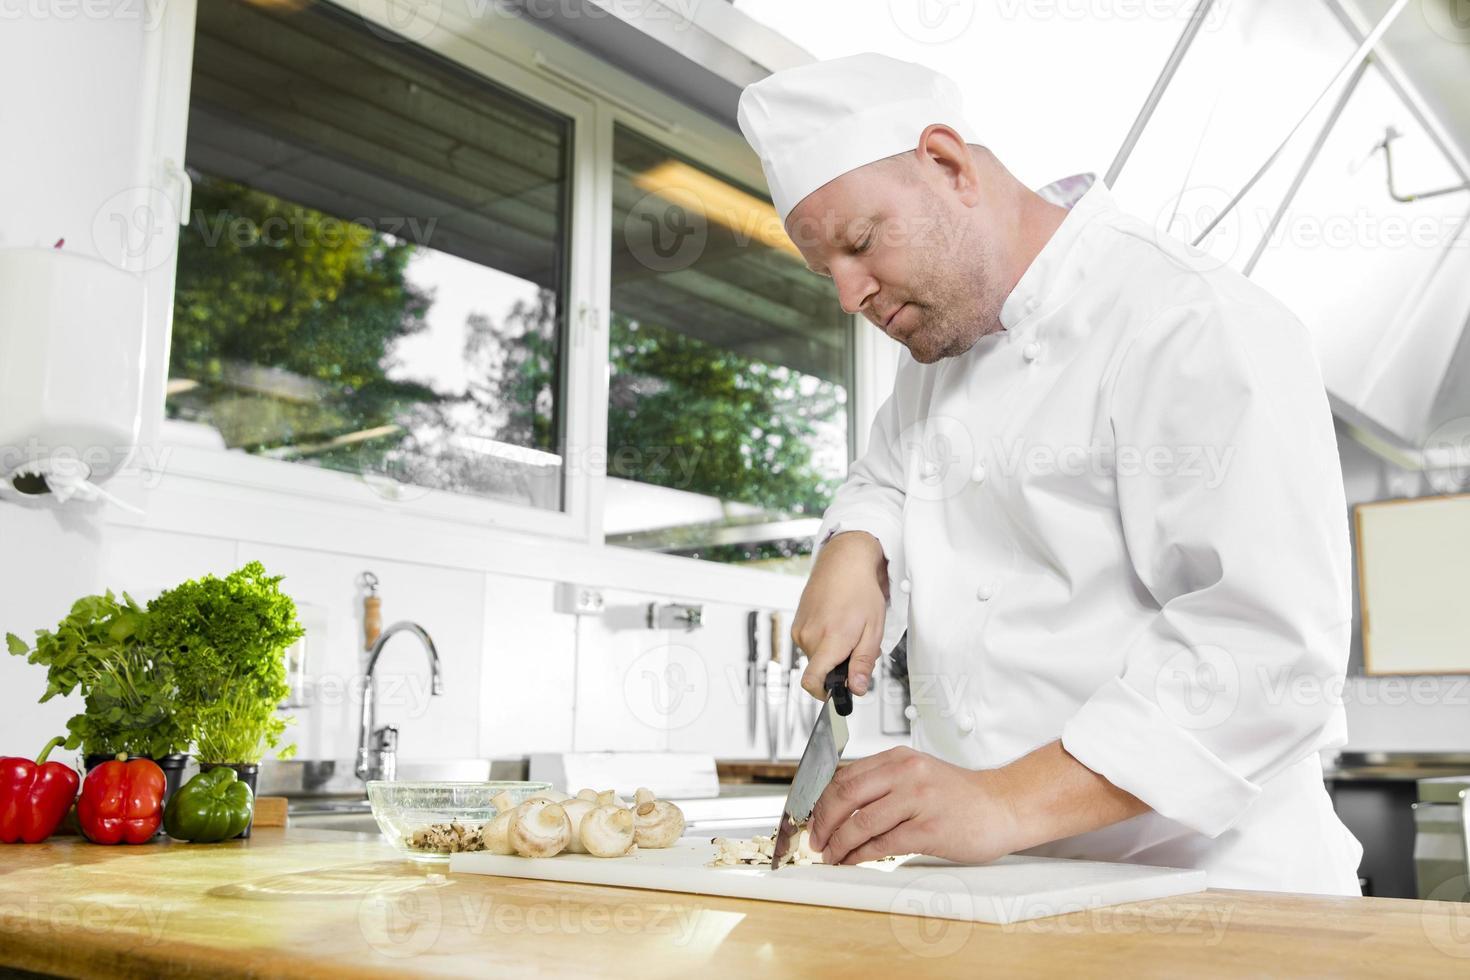 Chef profesional preparando verduras en cocina grande foto